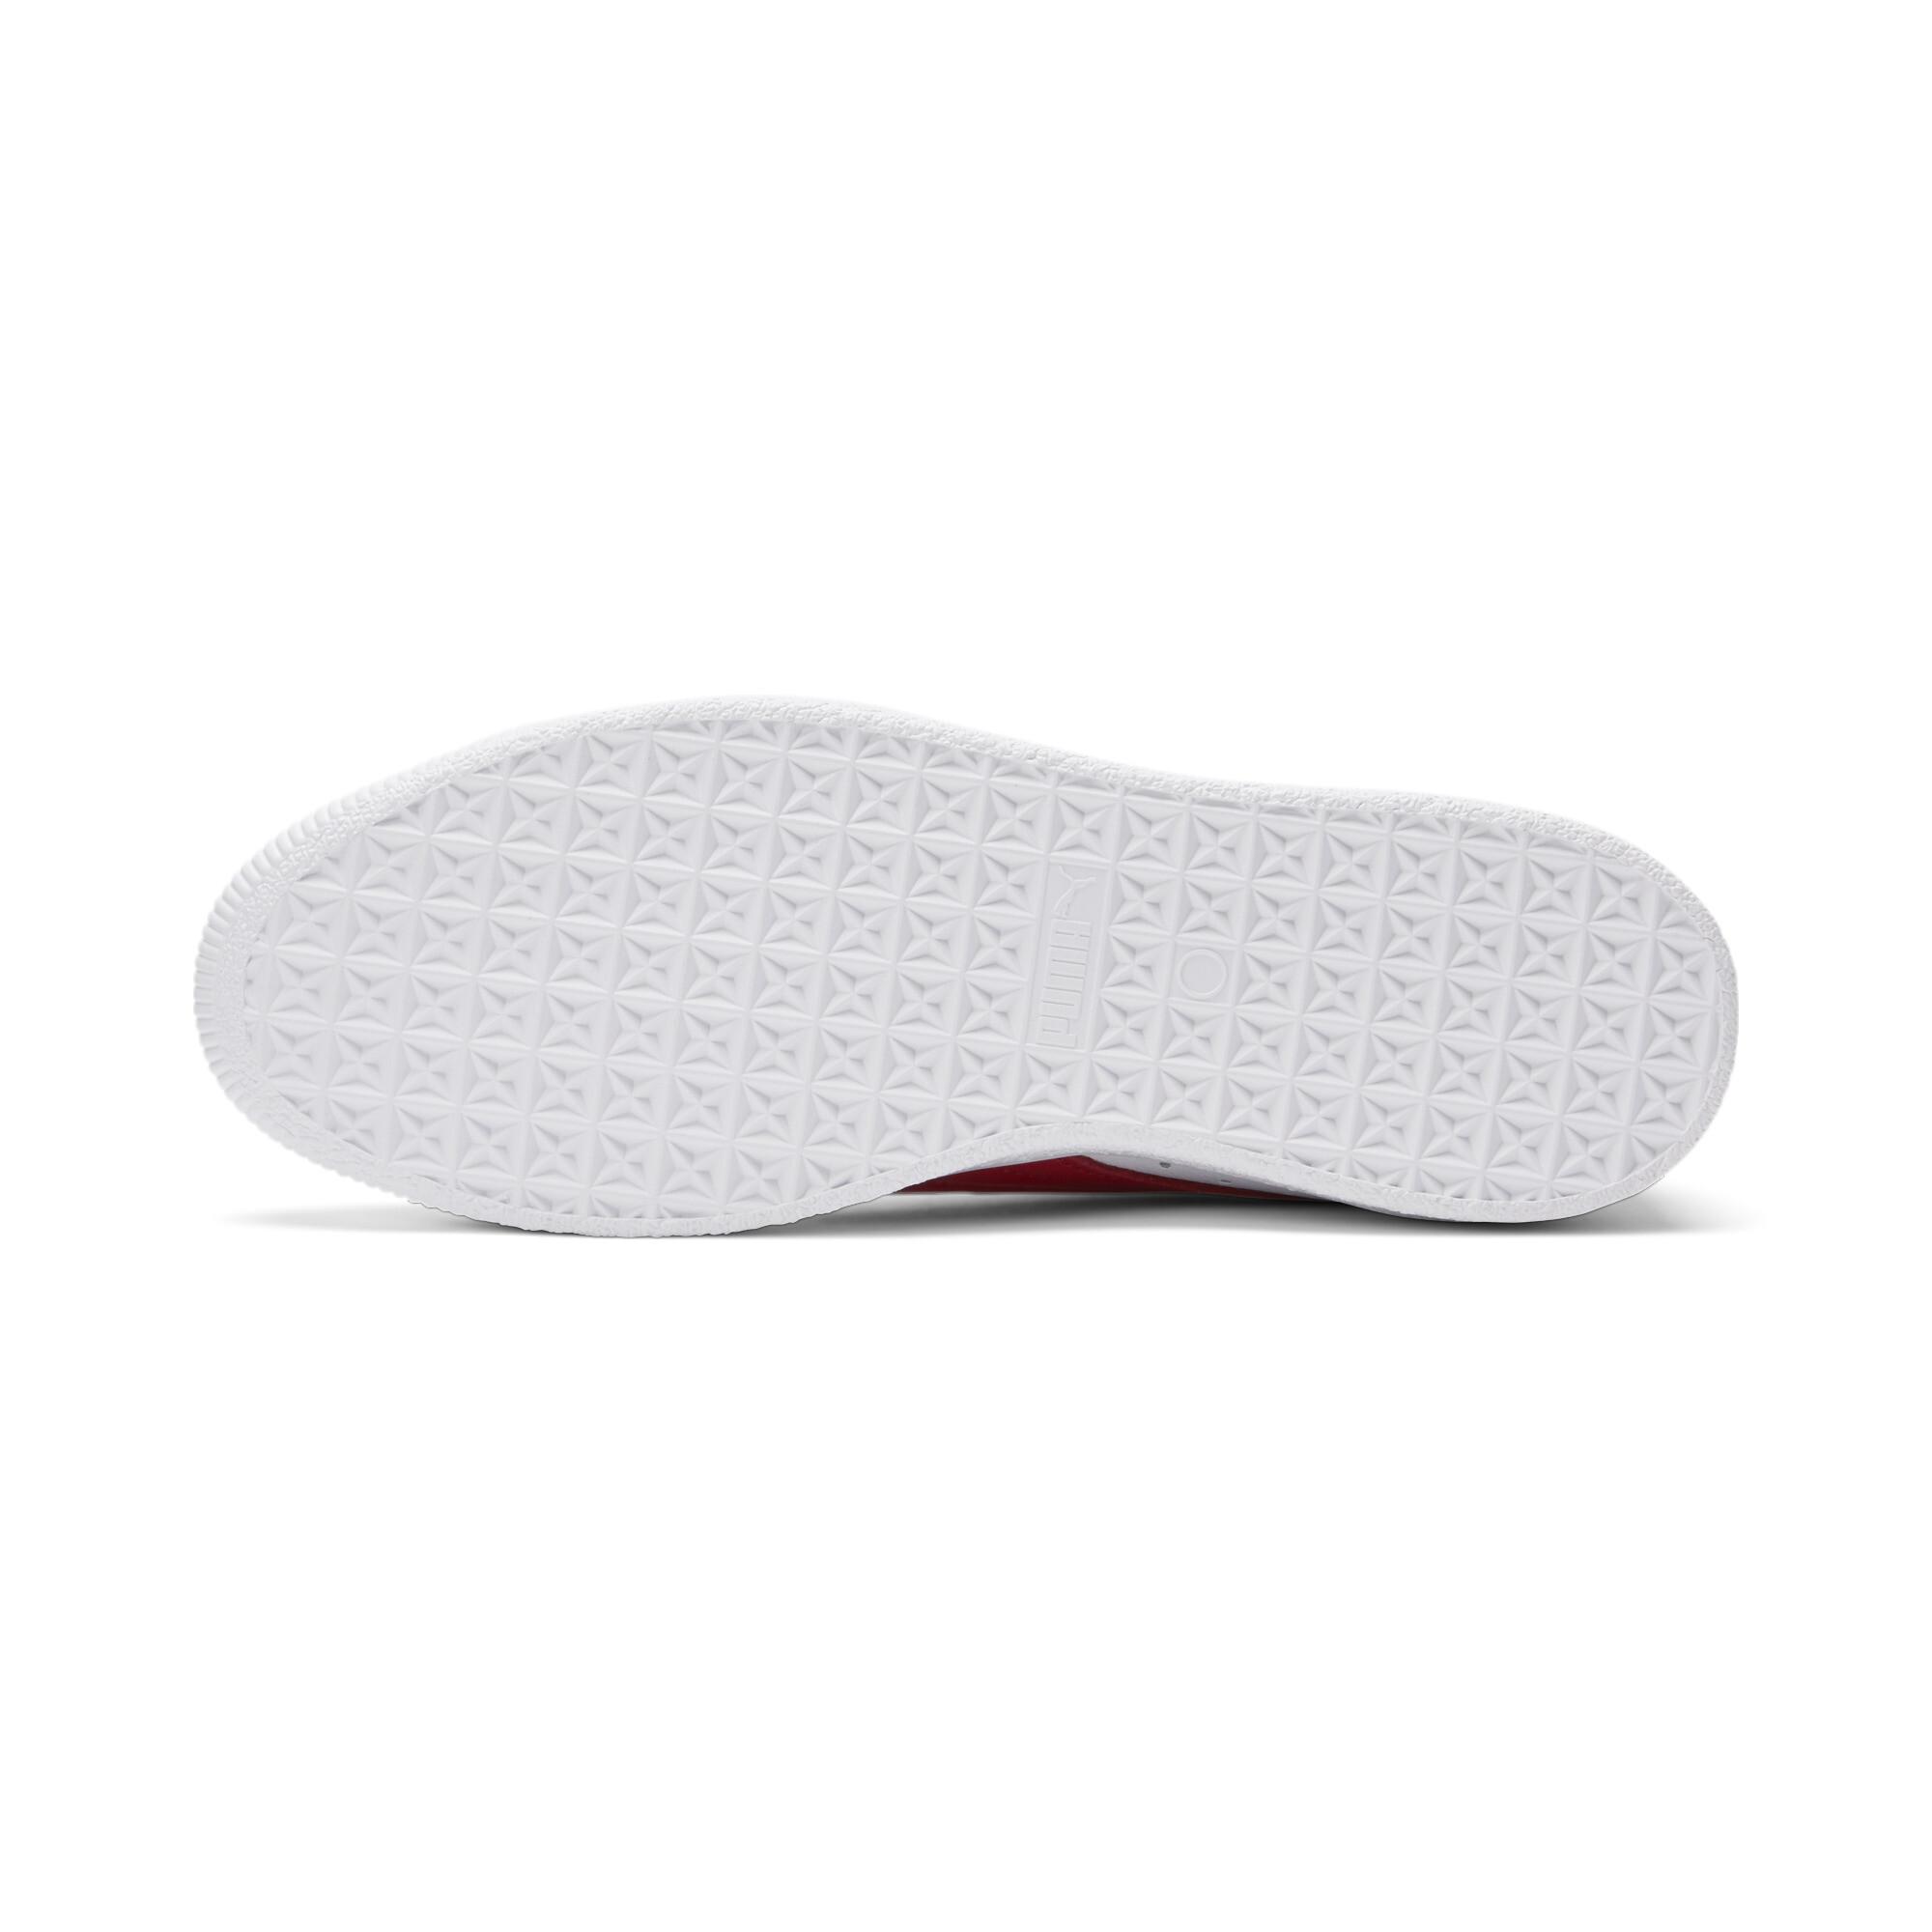 PUMA-Men-039-s-Clyde-Core-Foil-Sneakers thumbnail 10